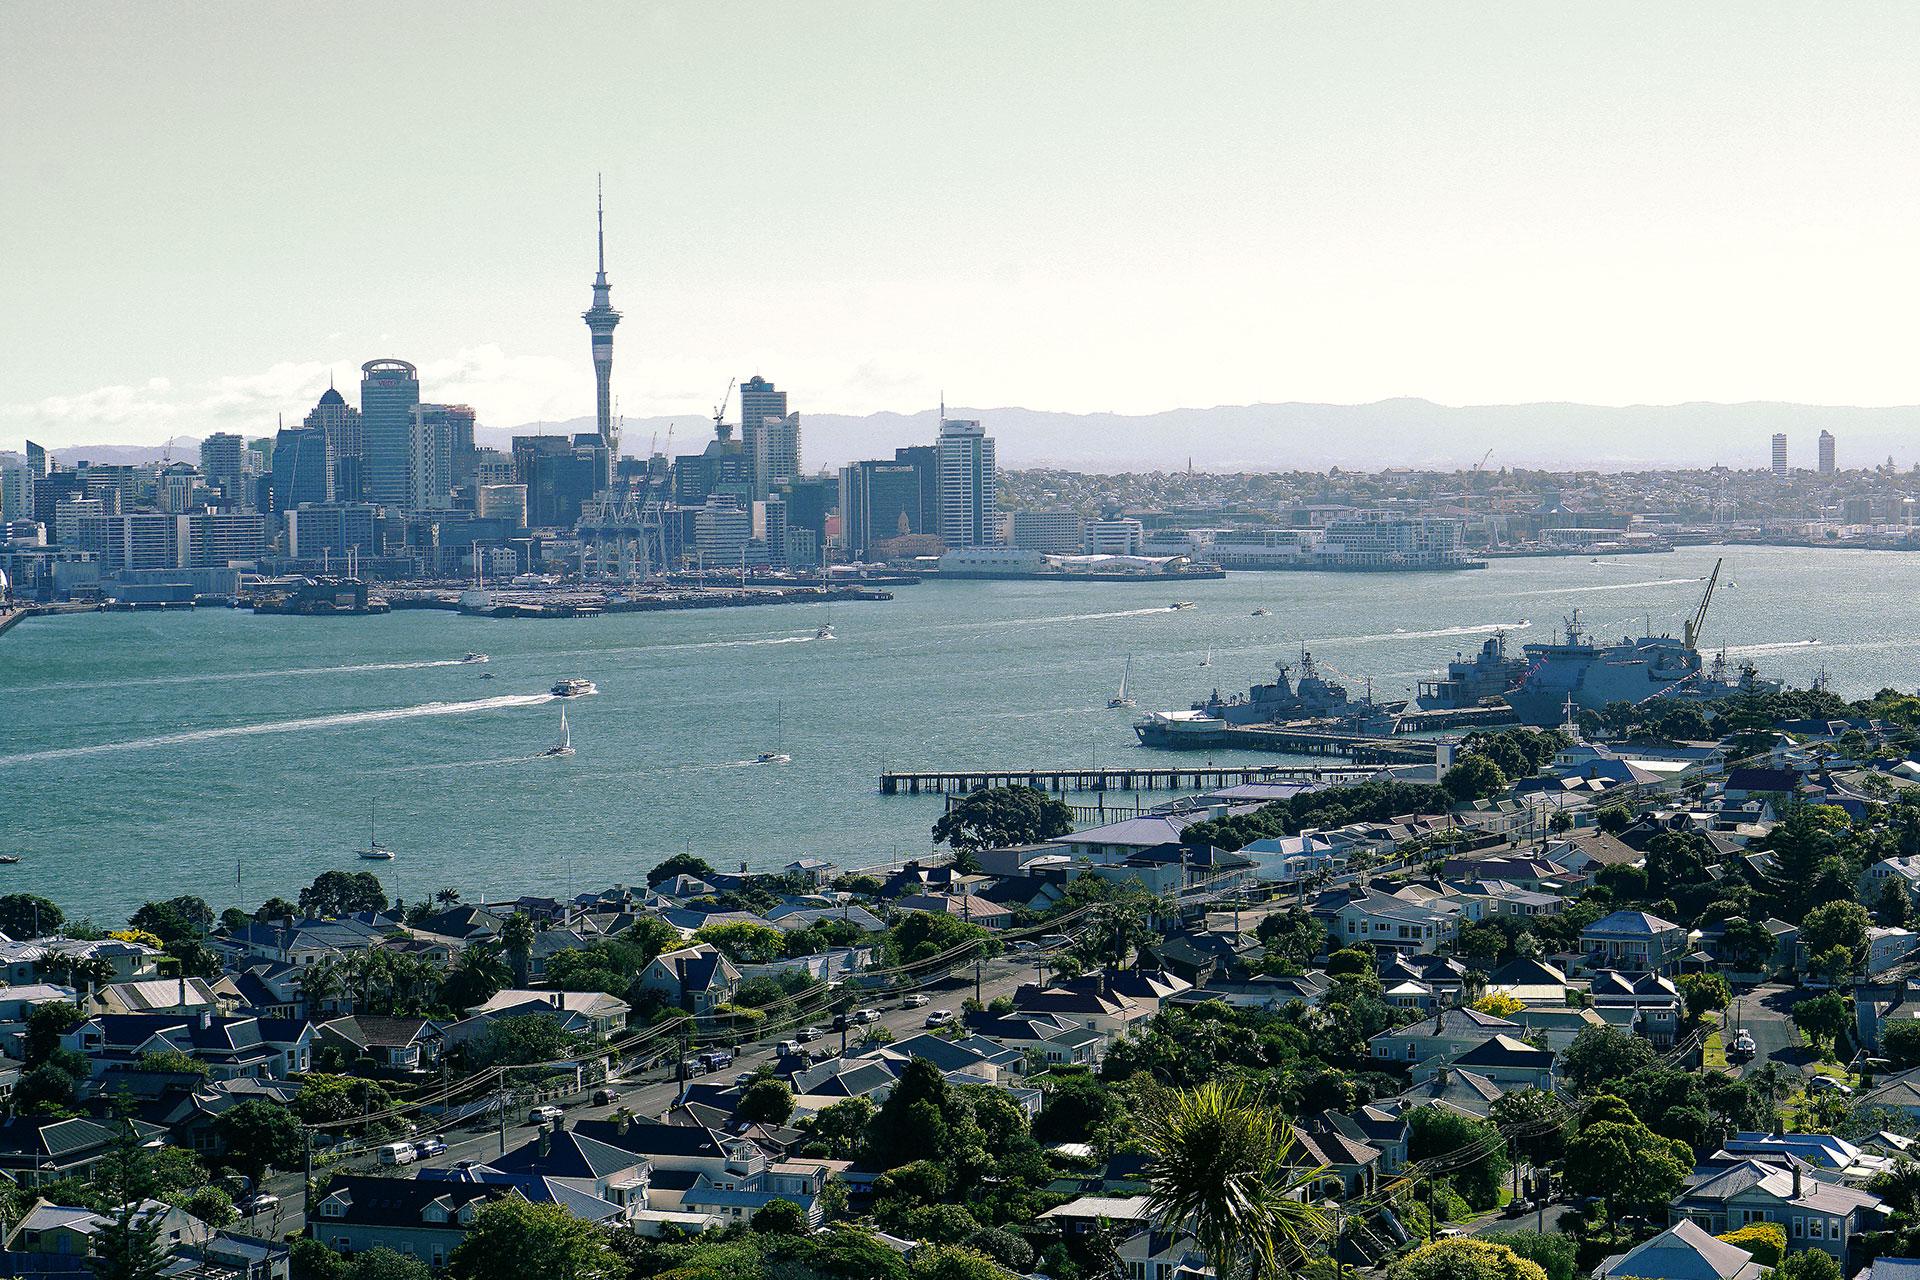 Vikkipedia-Staycation-Auckland-2-Blak-Frilly-Img1-3x2.jpg